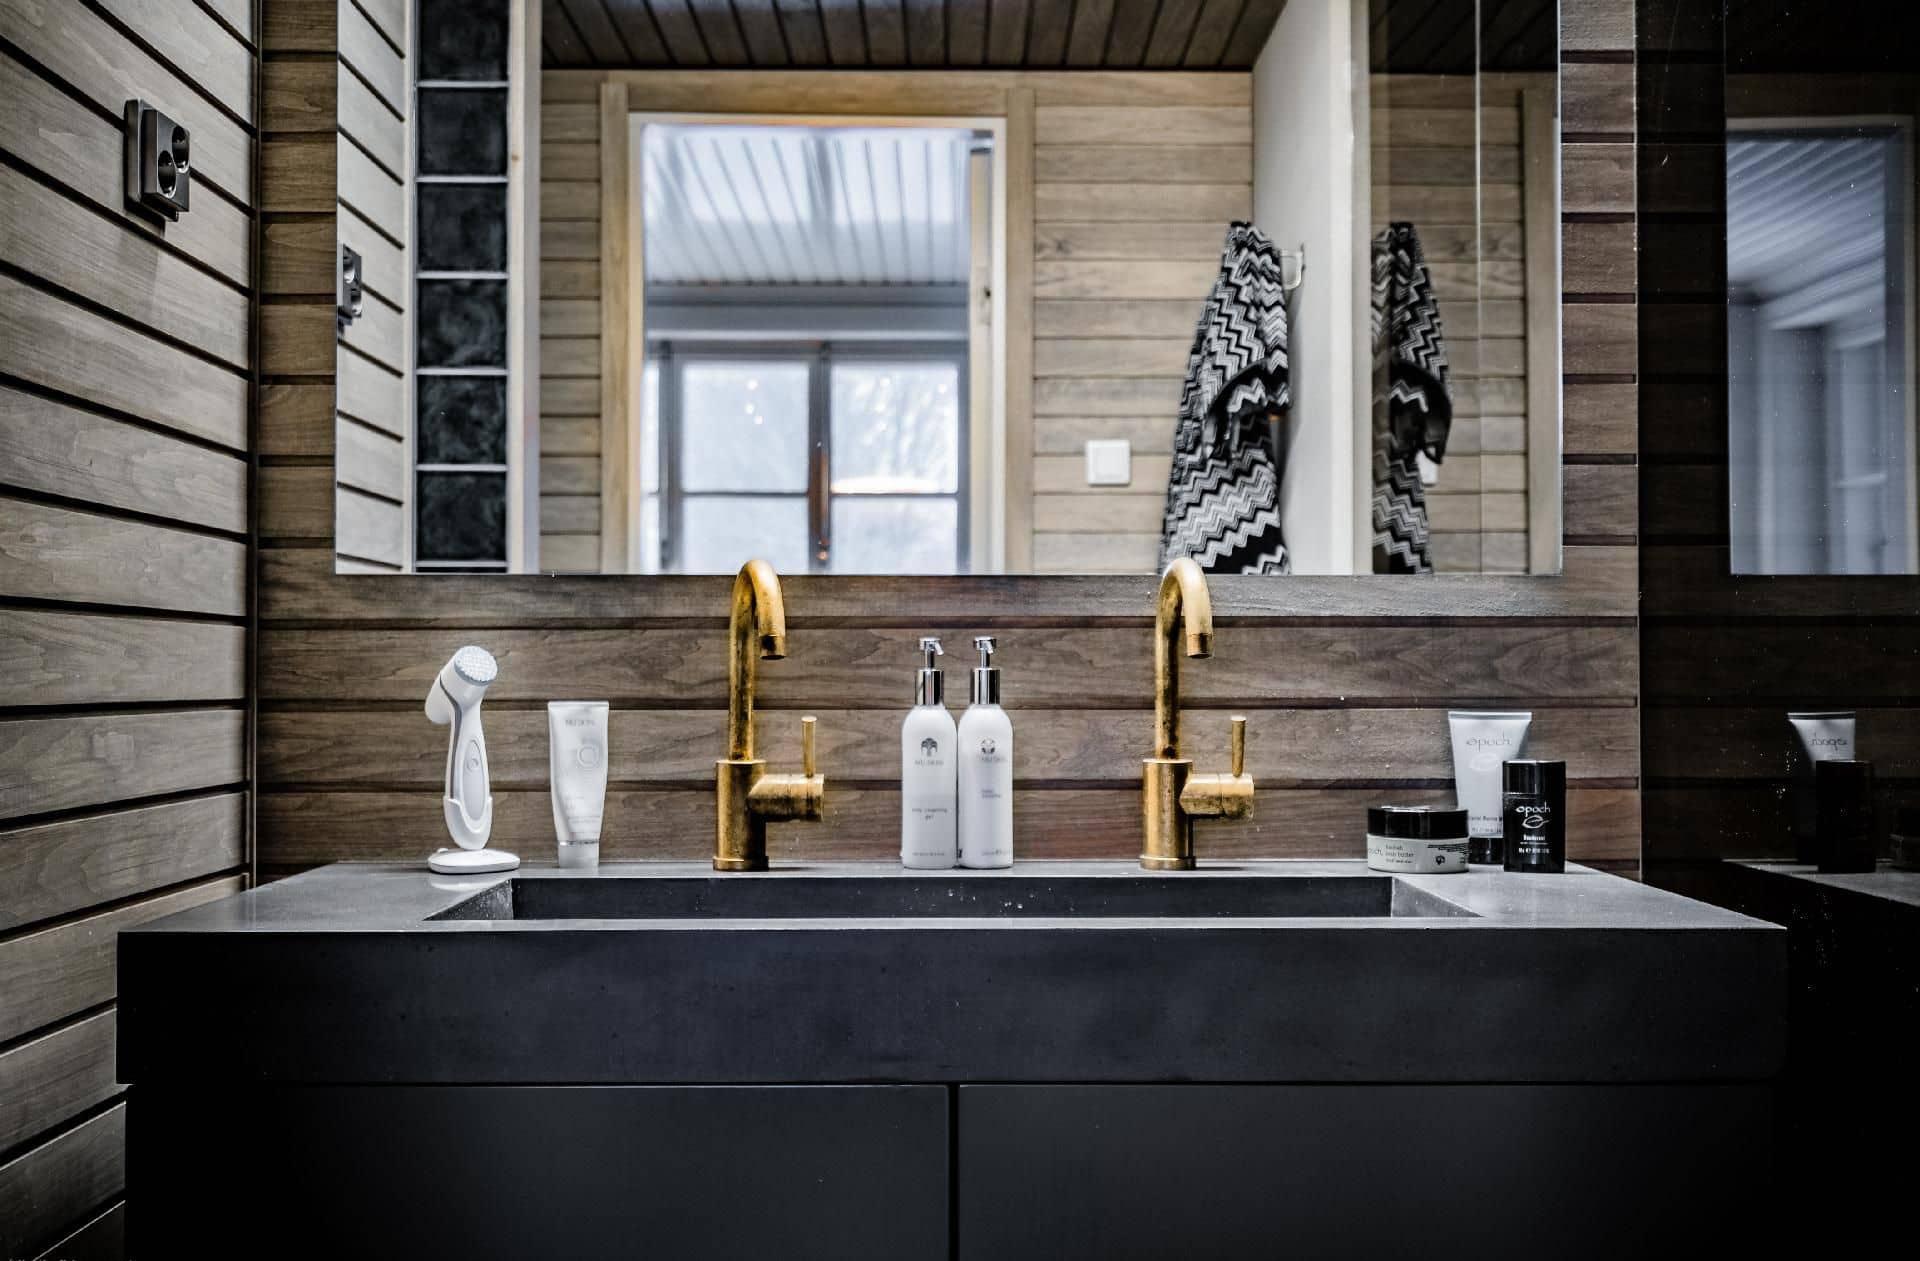 Mobiletto del lavandino del bagno